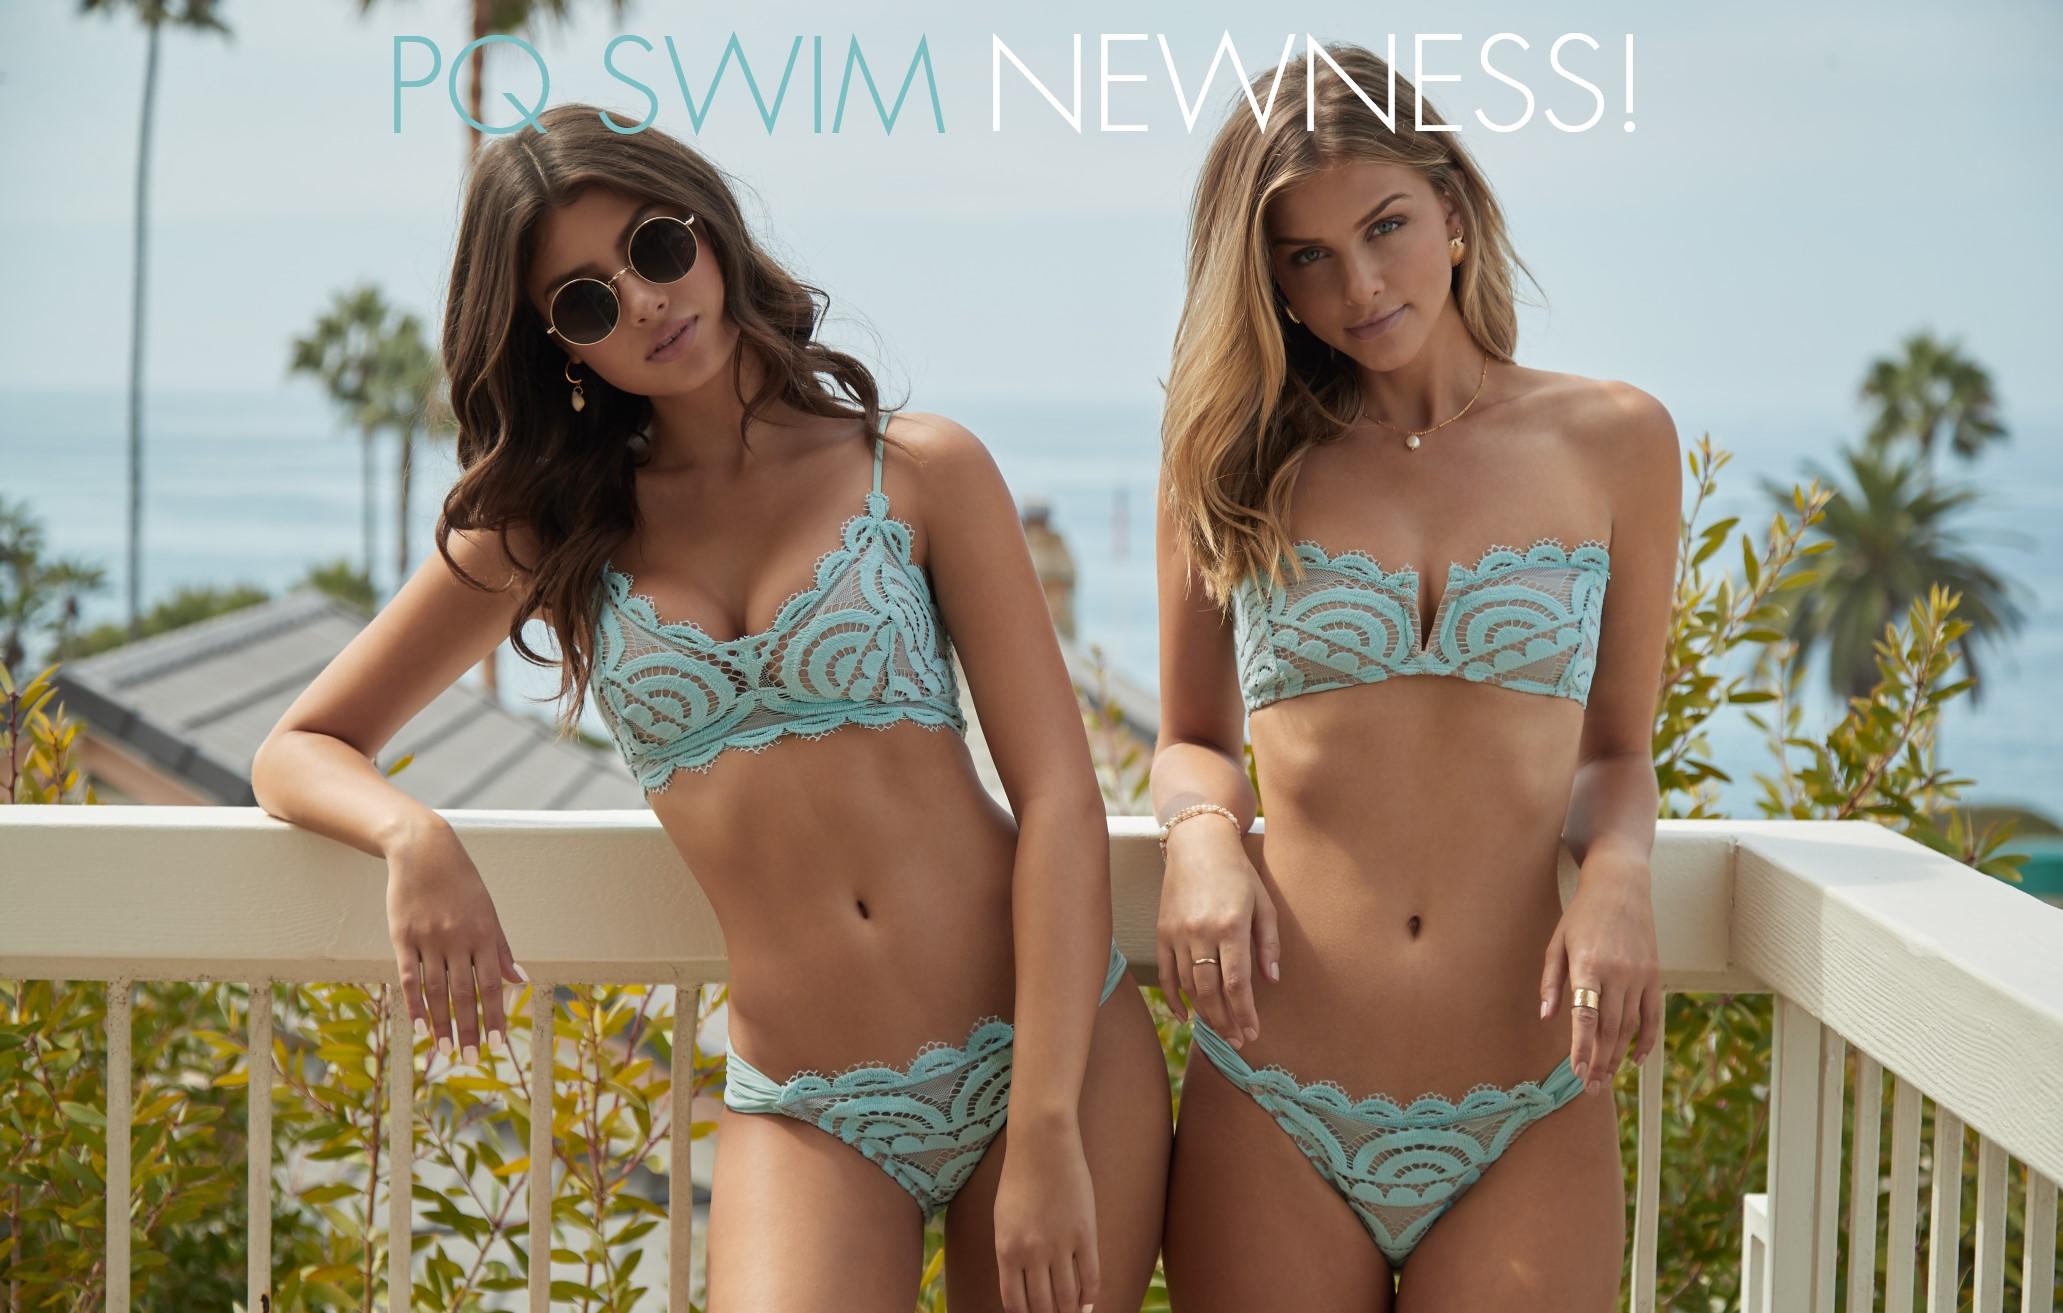 pq swim designer swimwear